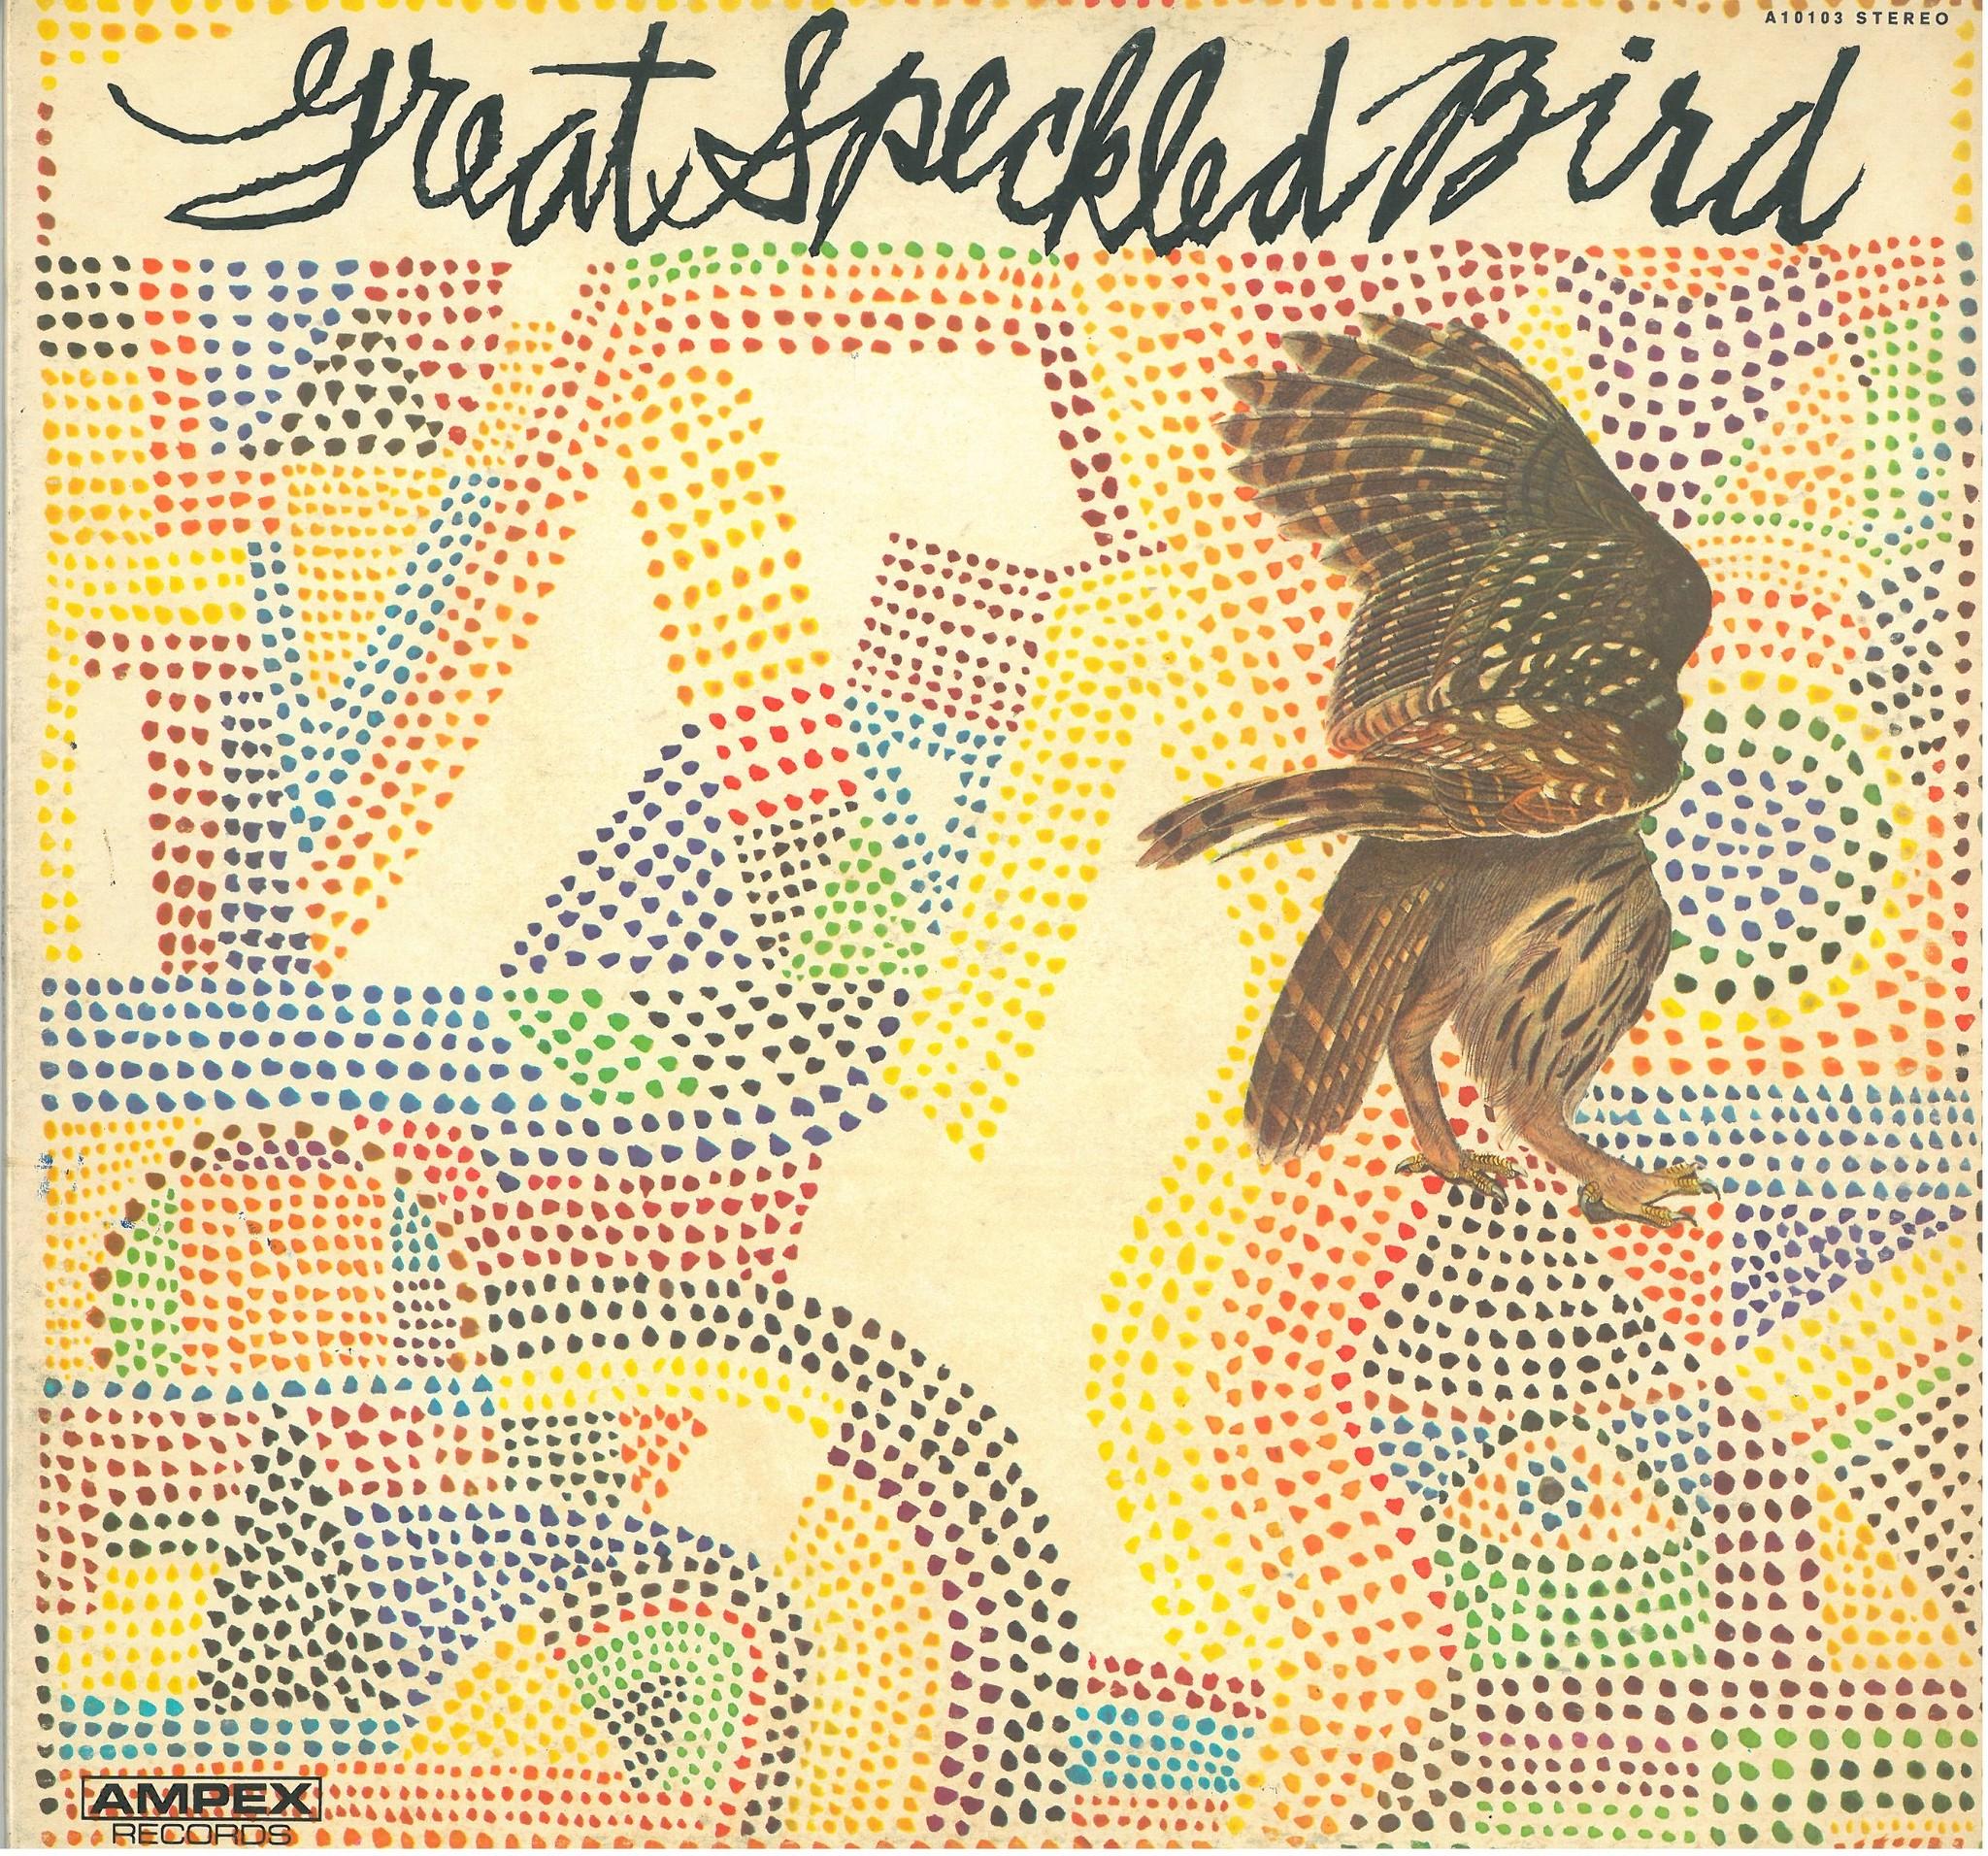 名盤紹介 (その2)  GREAT SPECKLED BIRD / AMPEX A10103